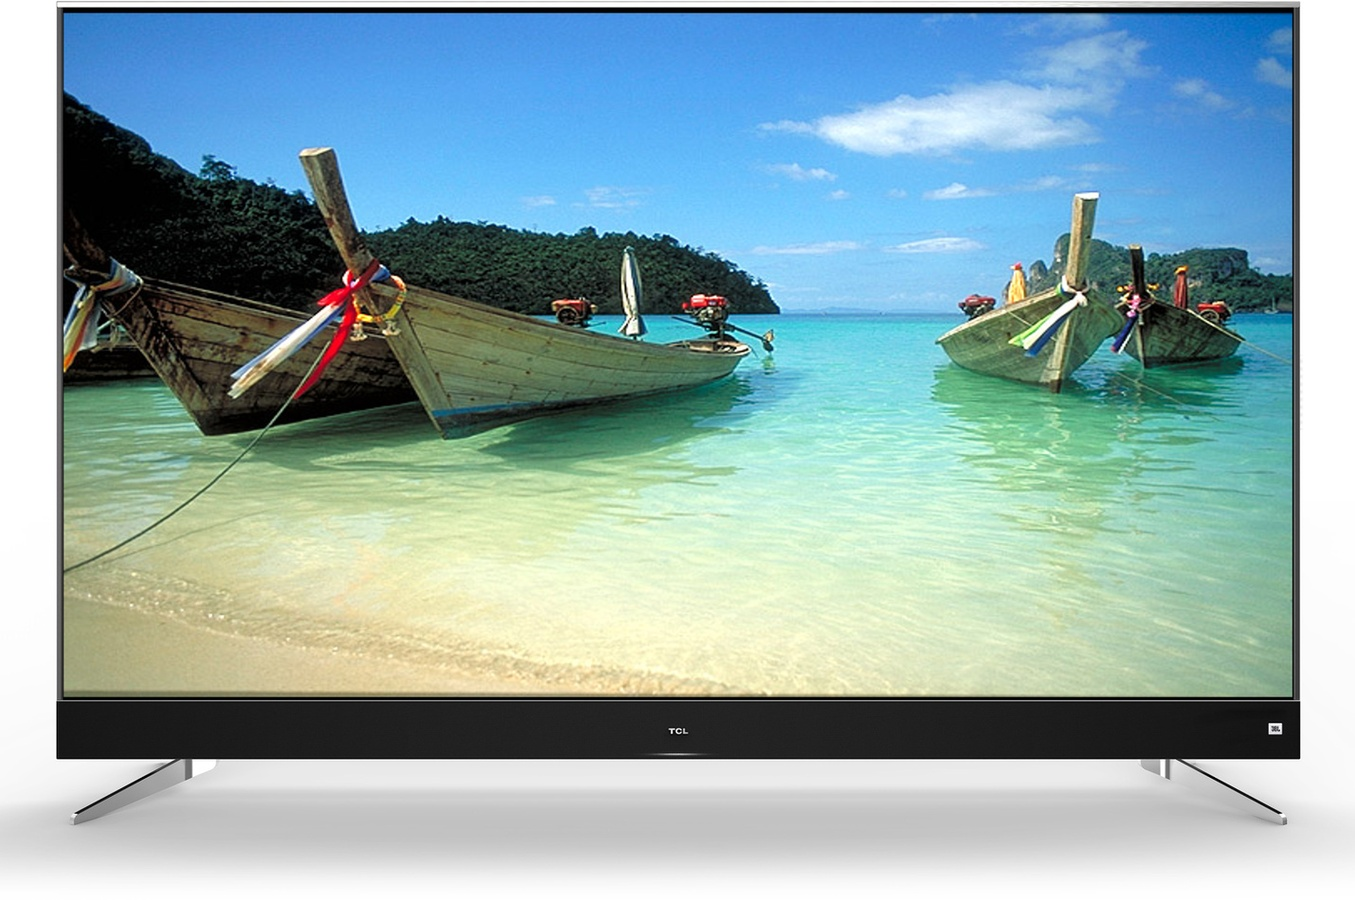 fae46c4dd9 Mire képes egy kínai gyártó top tévéje? - PROHARDVER! TV & Audió teszt